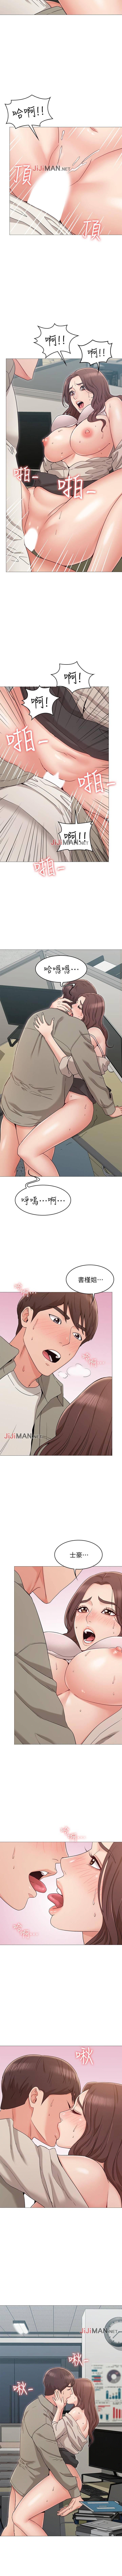 【周六连载】女友的姐姐(作者:橡果人&獵狗) 第1~23话 102